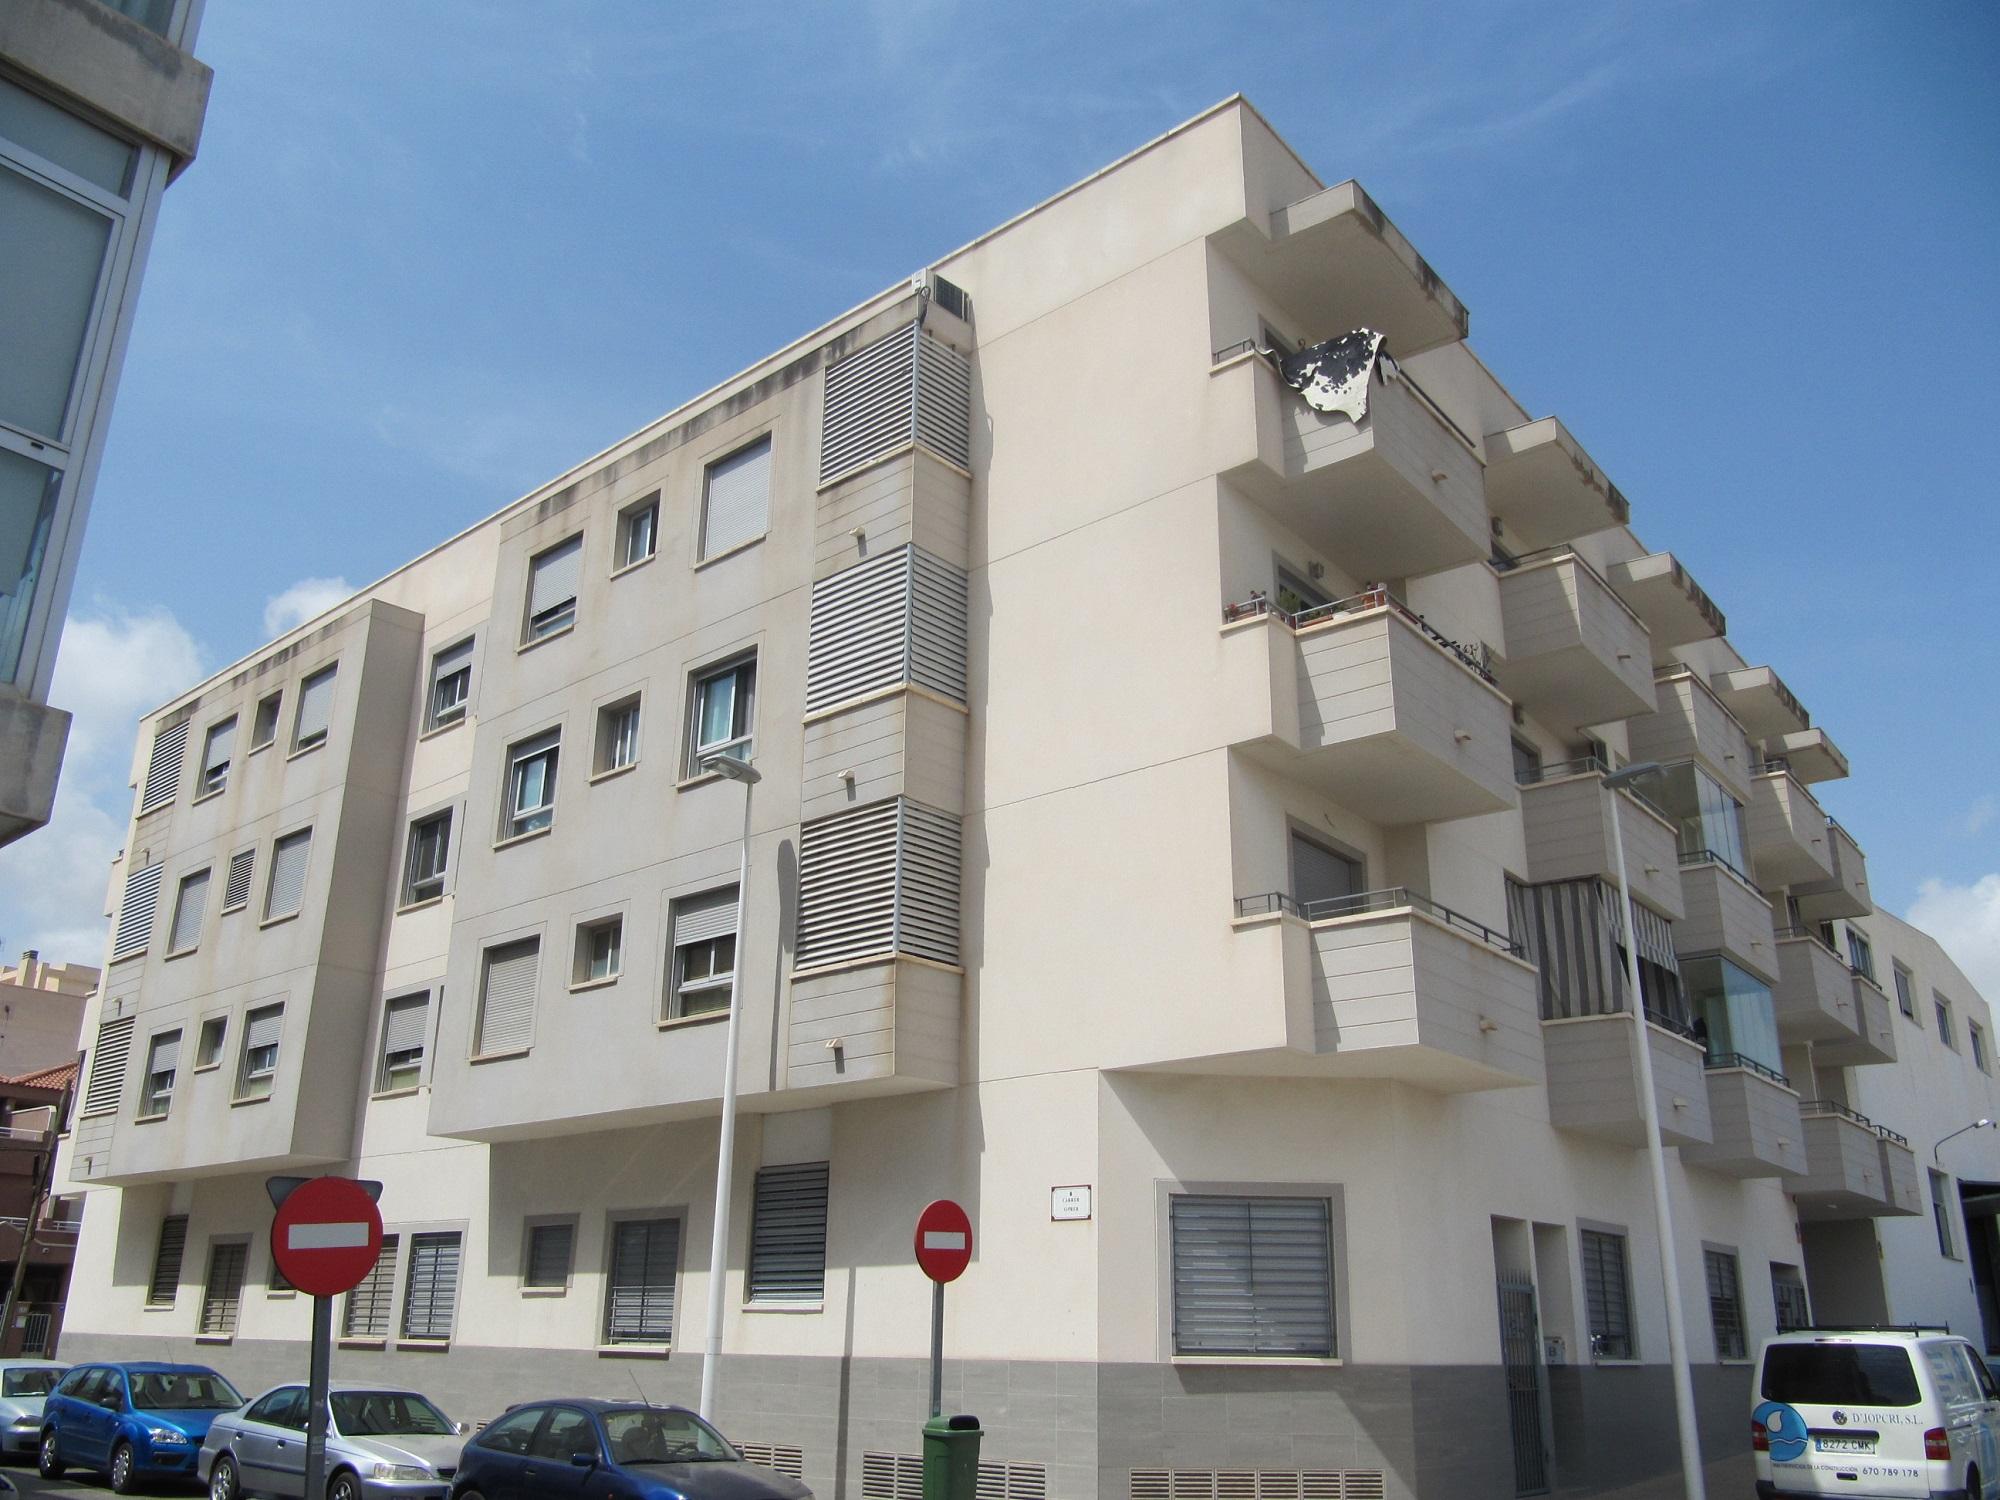 Apartamento en Altet (el) (M88723) - foto0